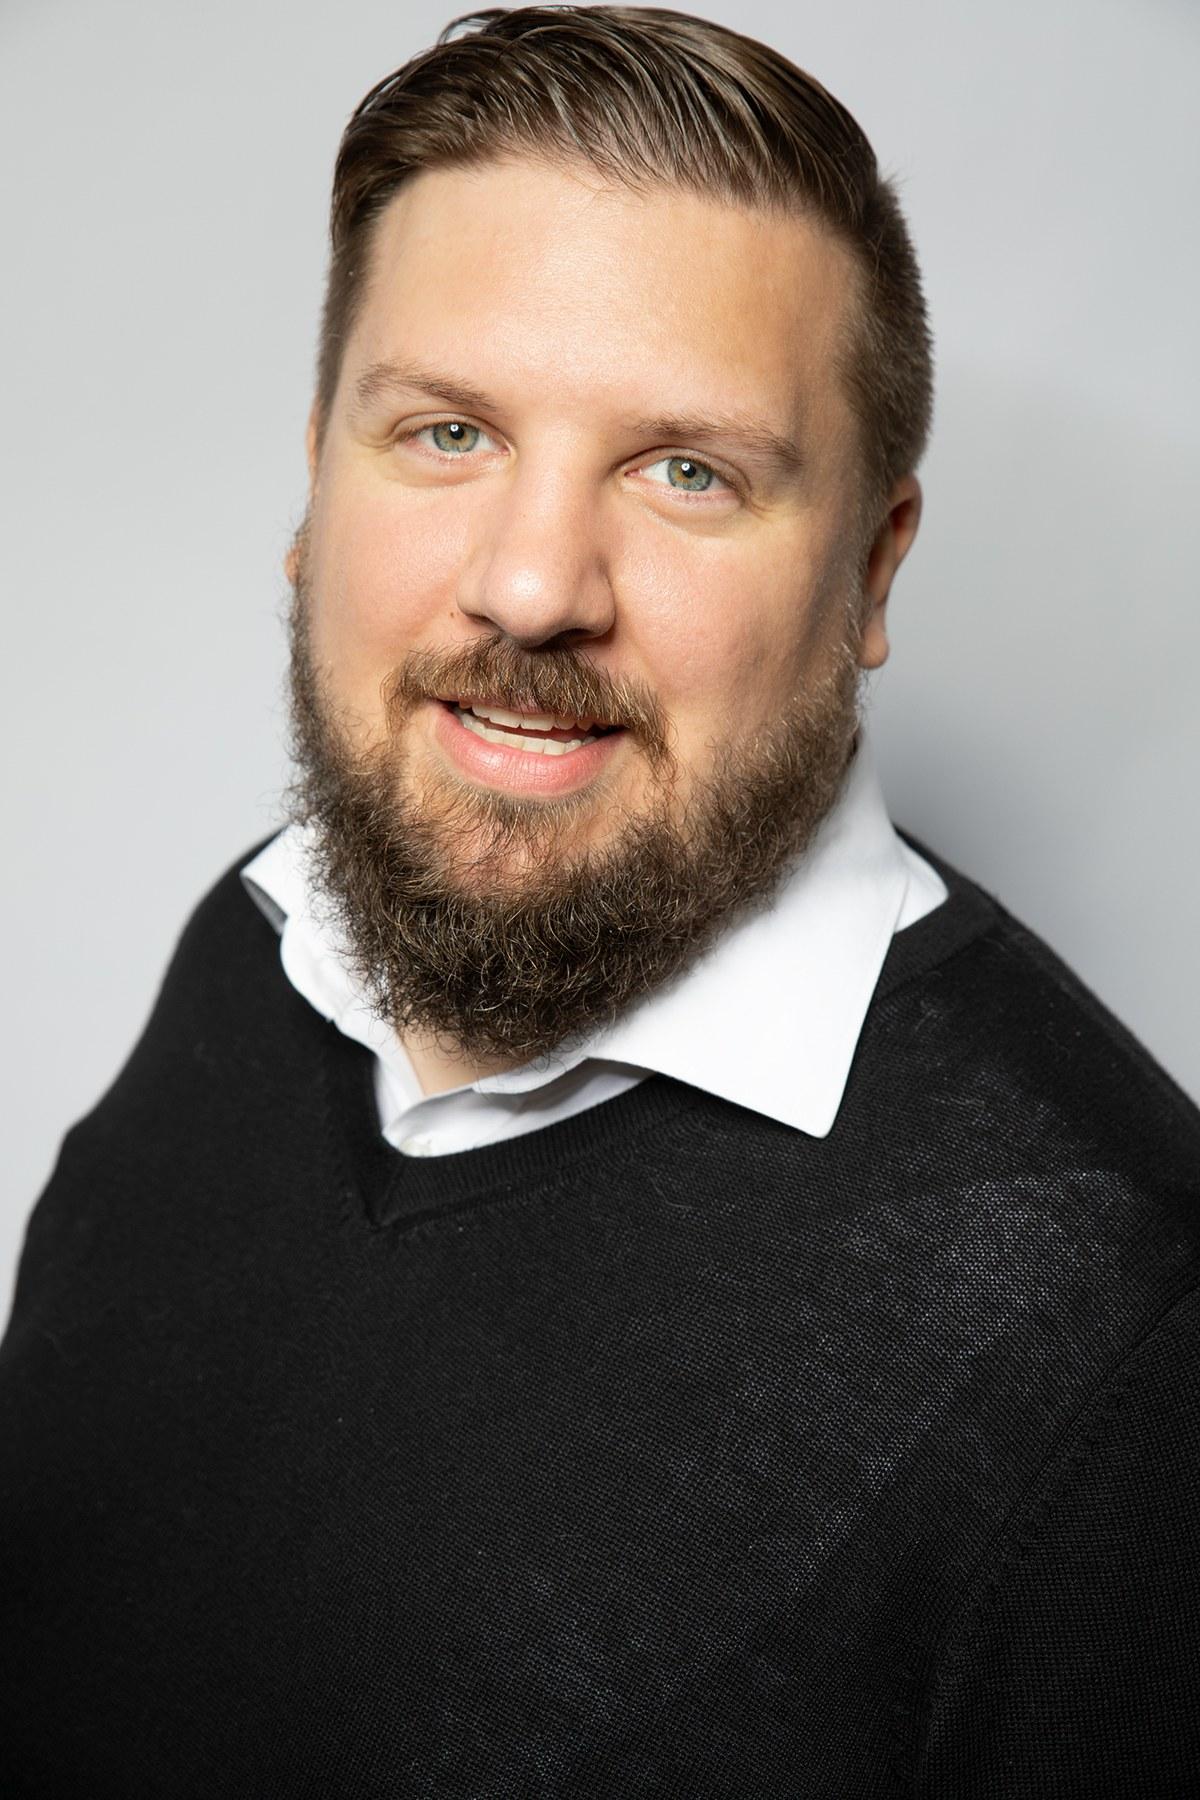 Phillip Willamowski